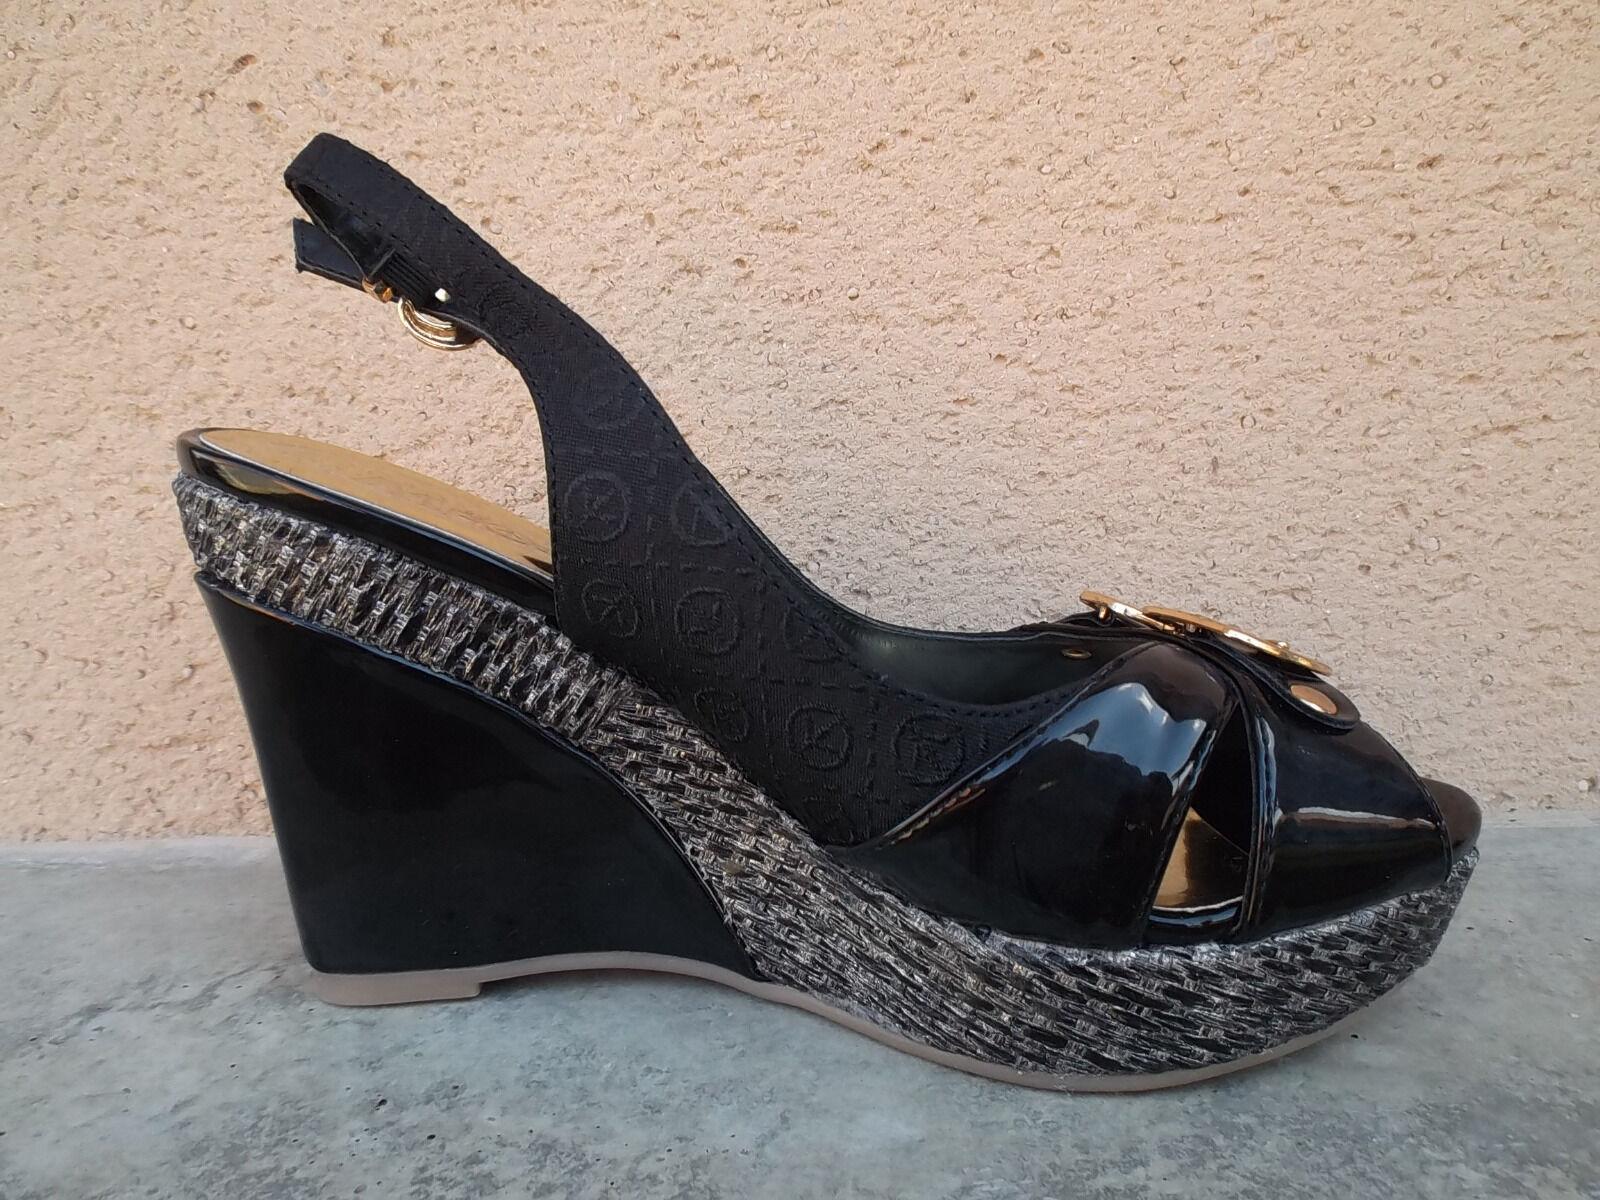 Sandales compensées MOSQUITOS noir 37